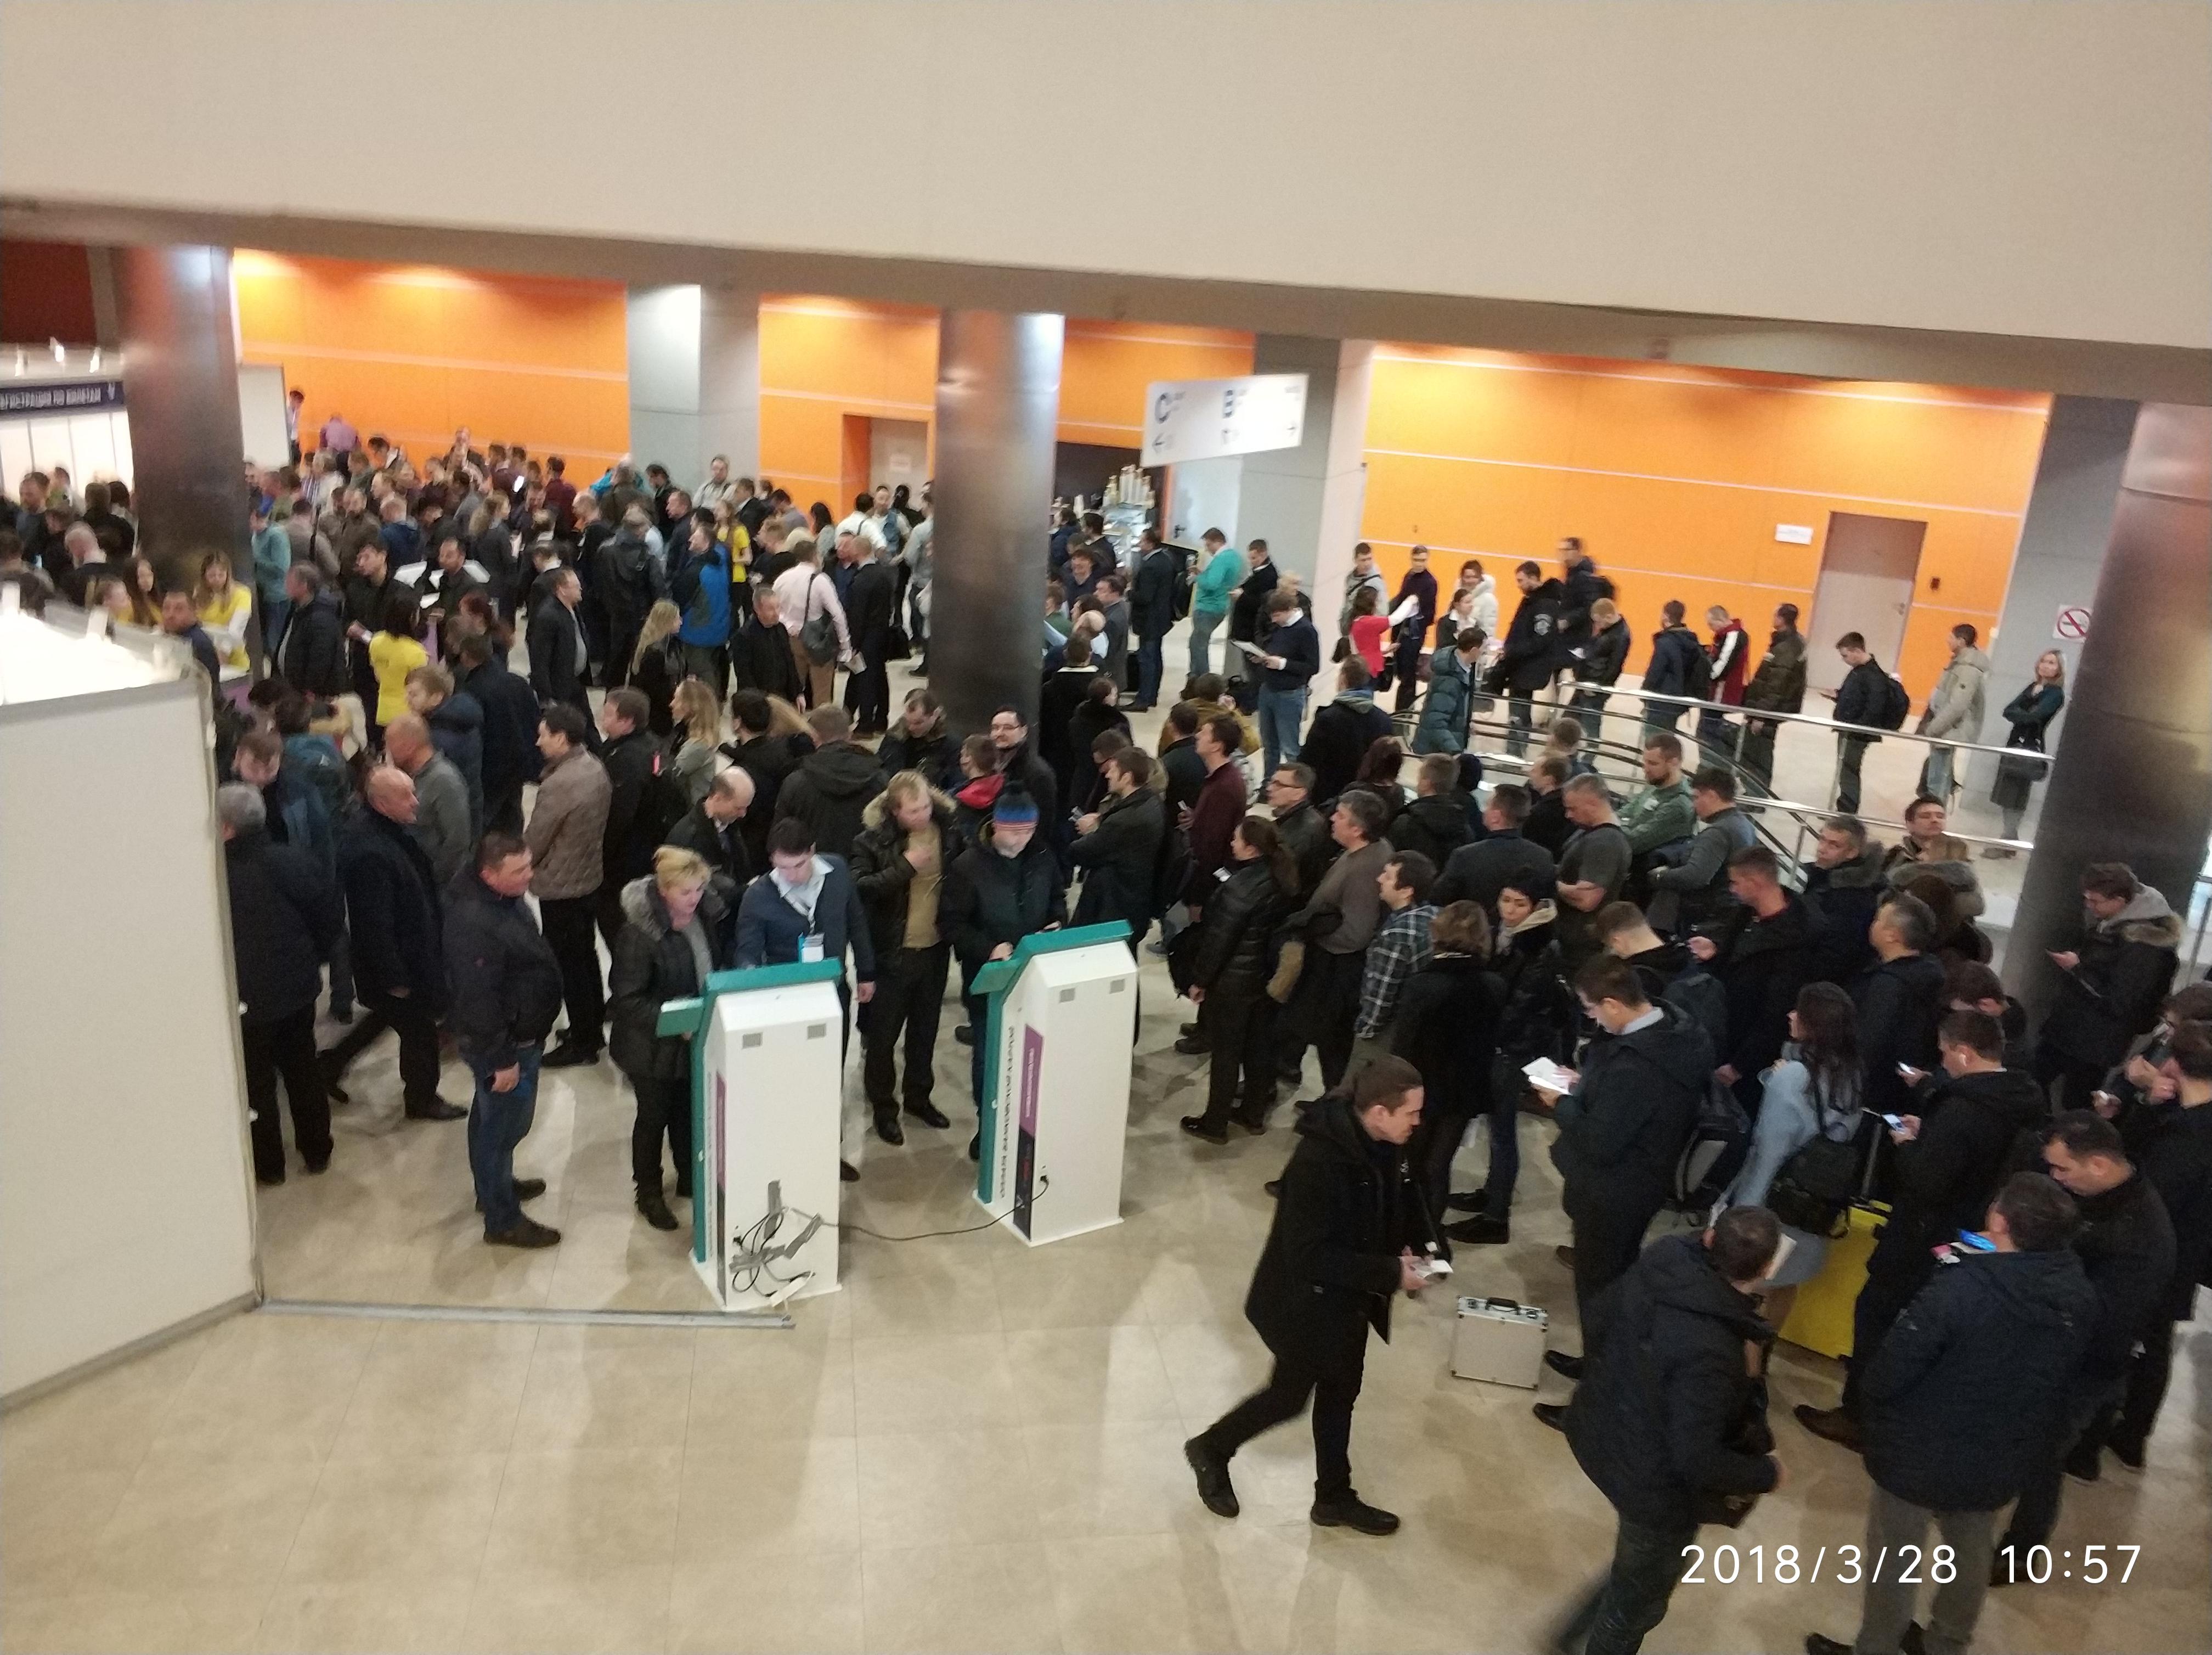 VendExpo 2018. Народ подтянулся, ждем регистрации. от 02.04.2018 9:22:00